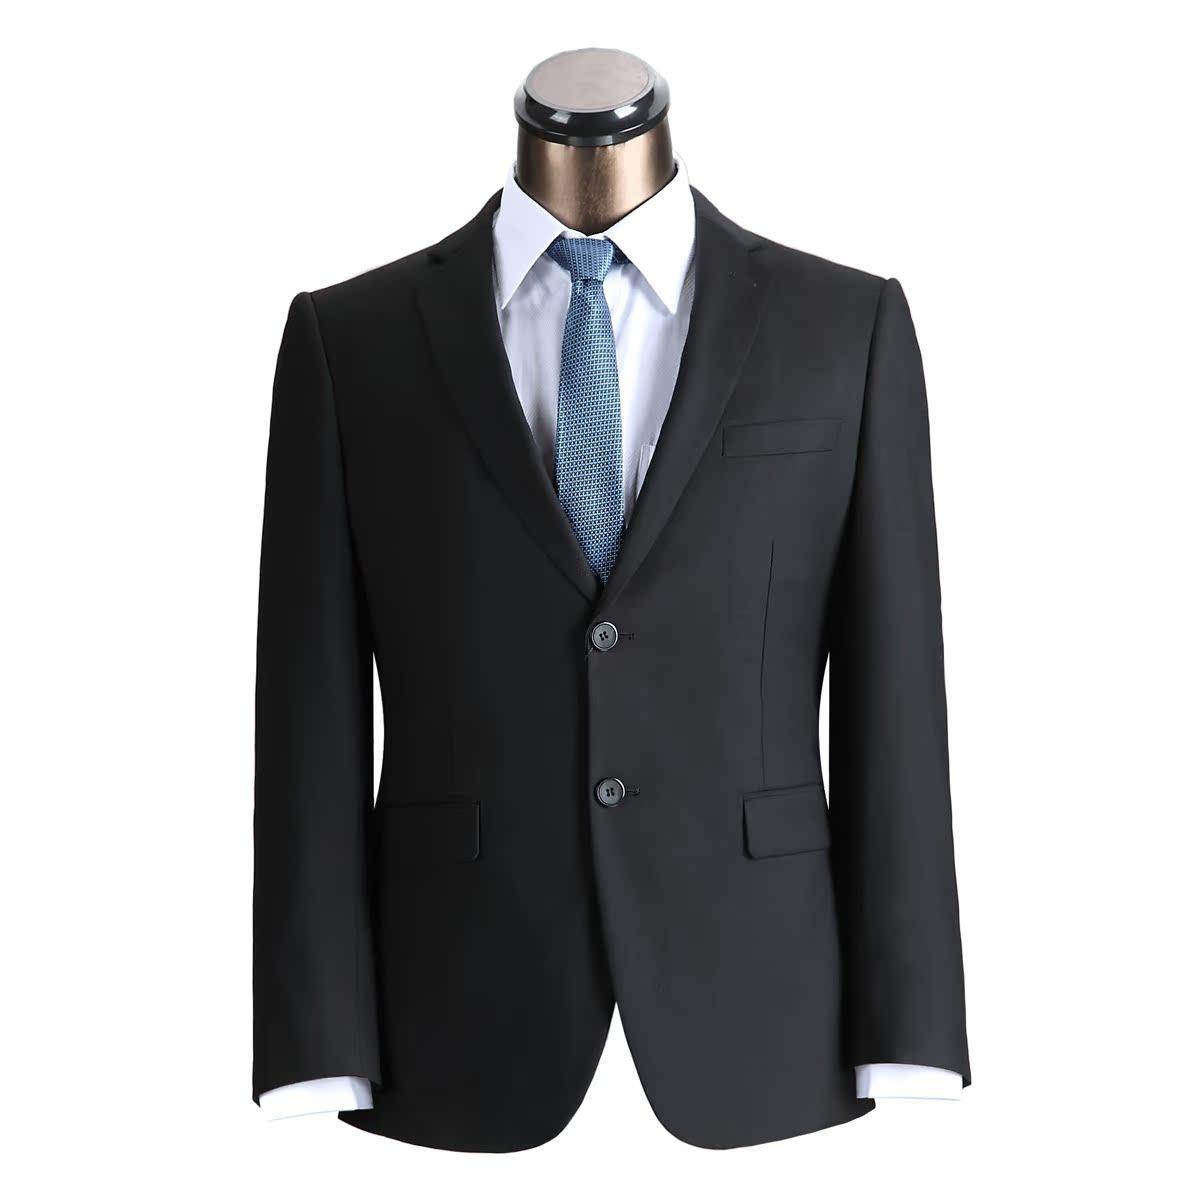 普派 2013新款 男士西服套装 商务休闲 结婚礼服 西装 送衬衫